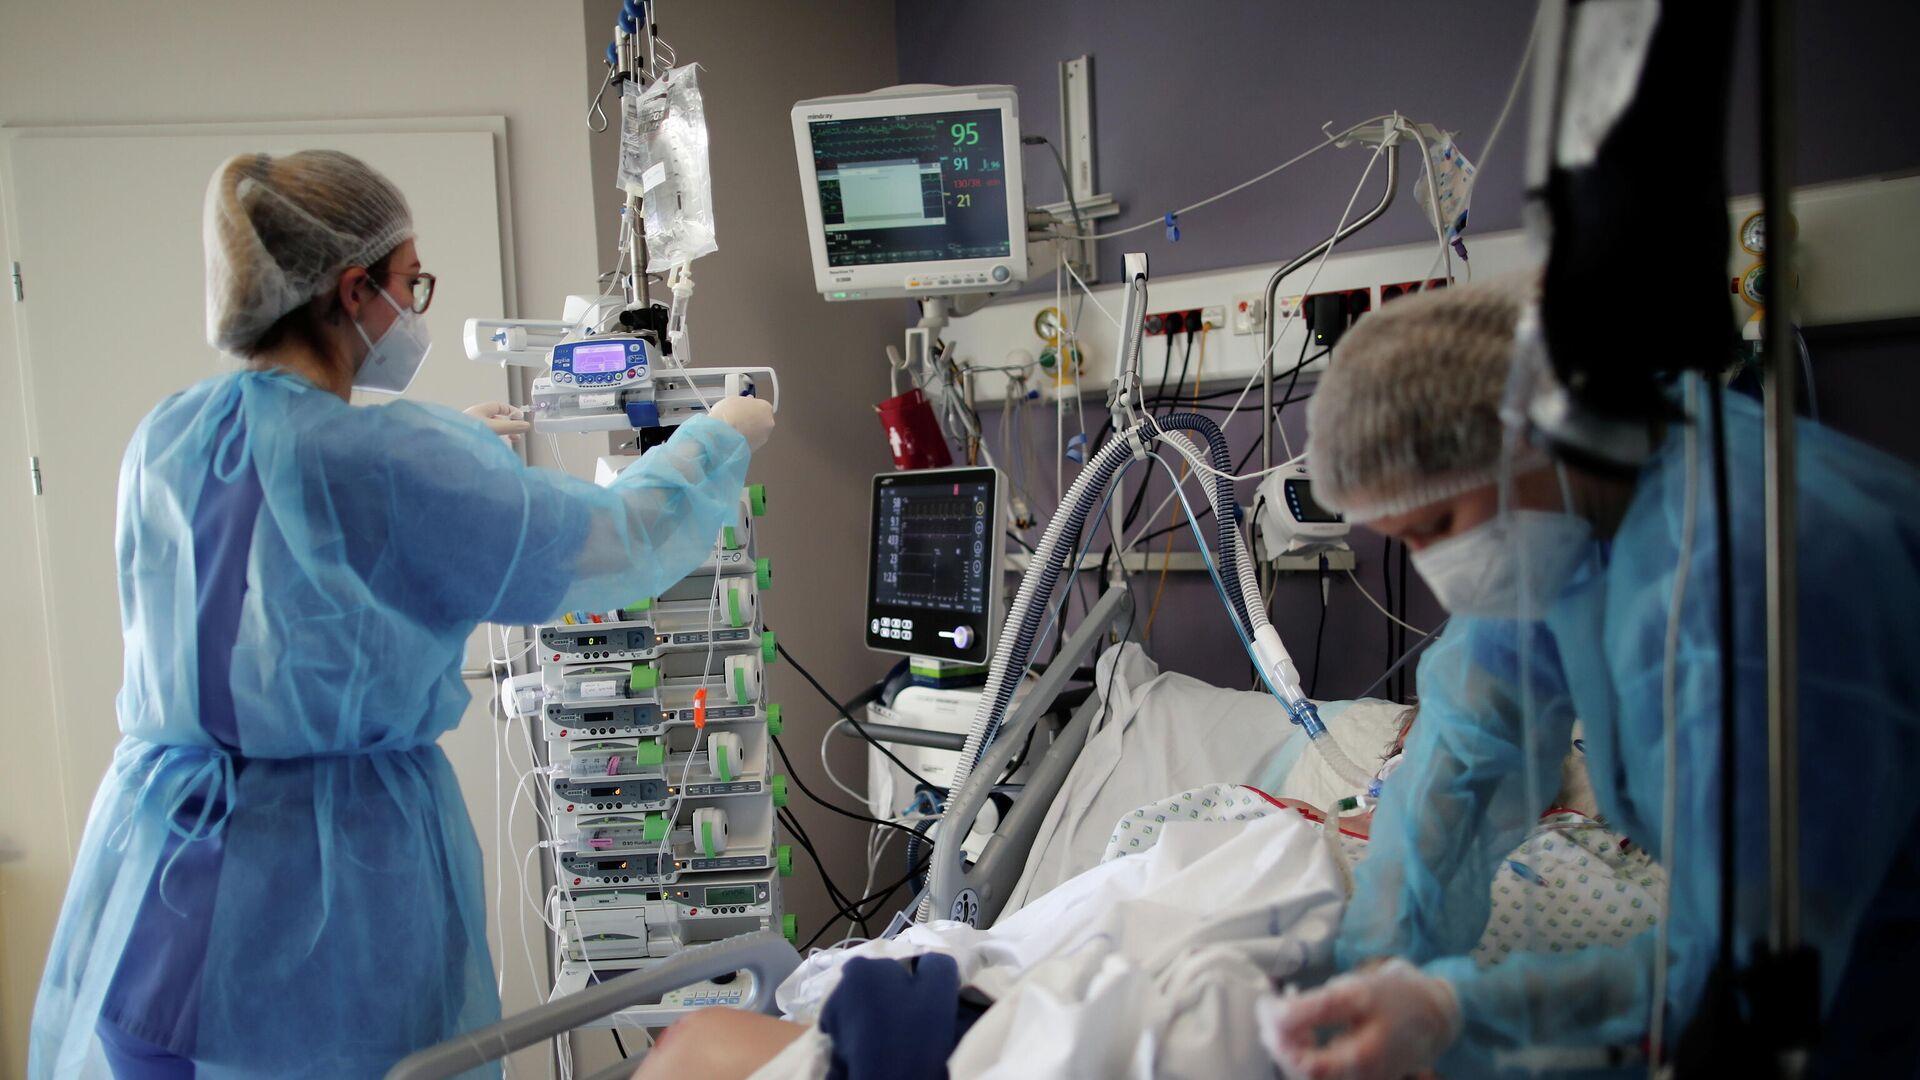 Медицинские работники в отделении интенсивной терапии для пациентов с коронавирусом (COVID-19) больницы Мелун-Сенарт, недалеко от Парижа, Франция - РИА Новости, 1920, 16.03.2021